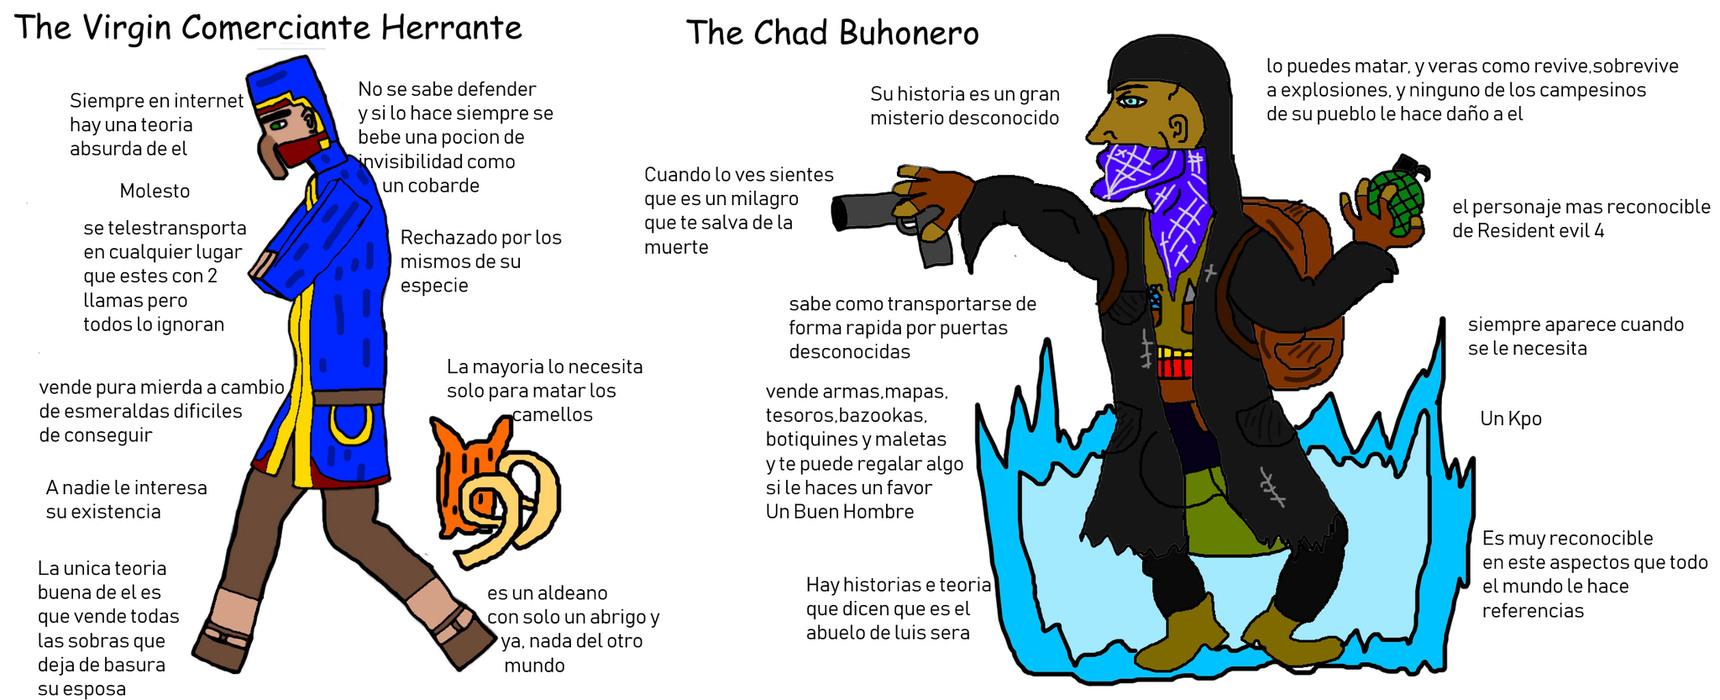 Un kpo el buhonero y silencio, nada mas - meme